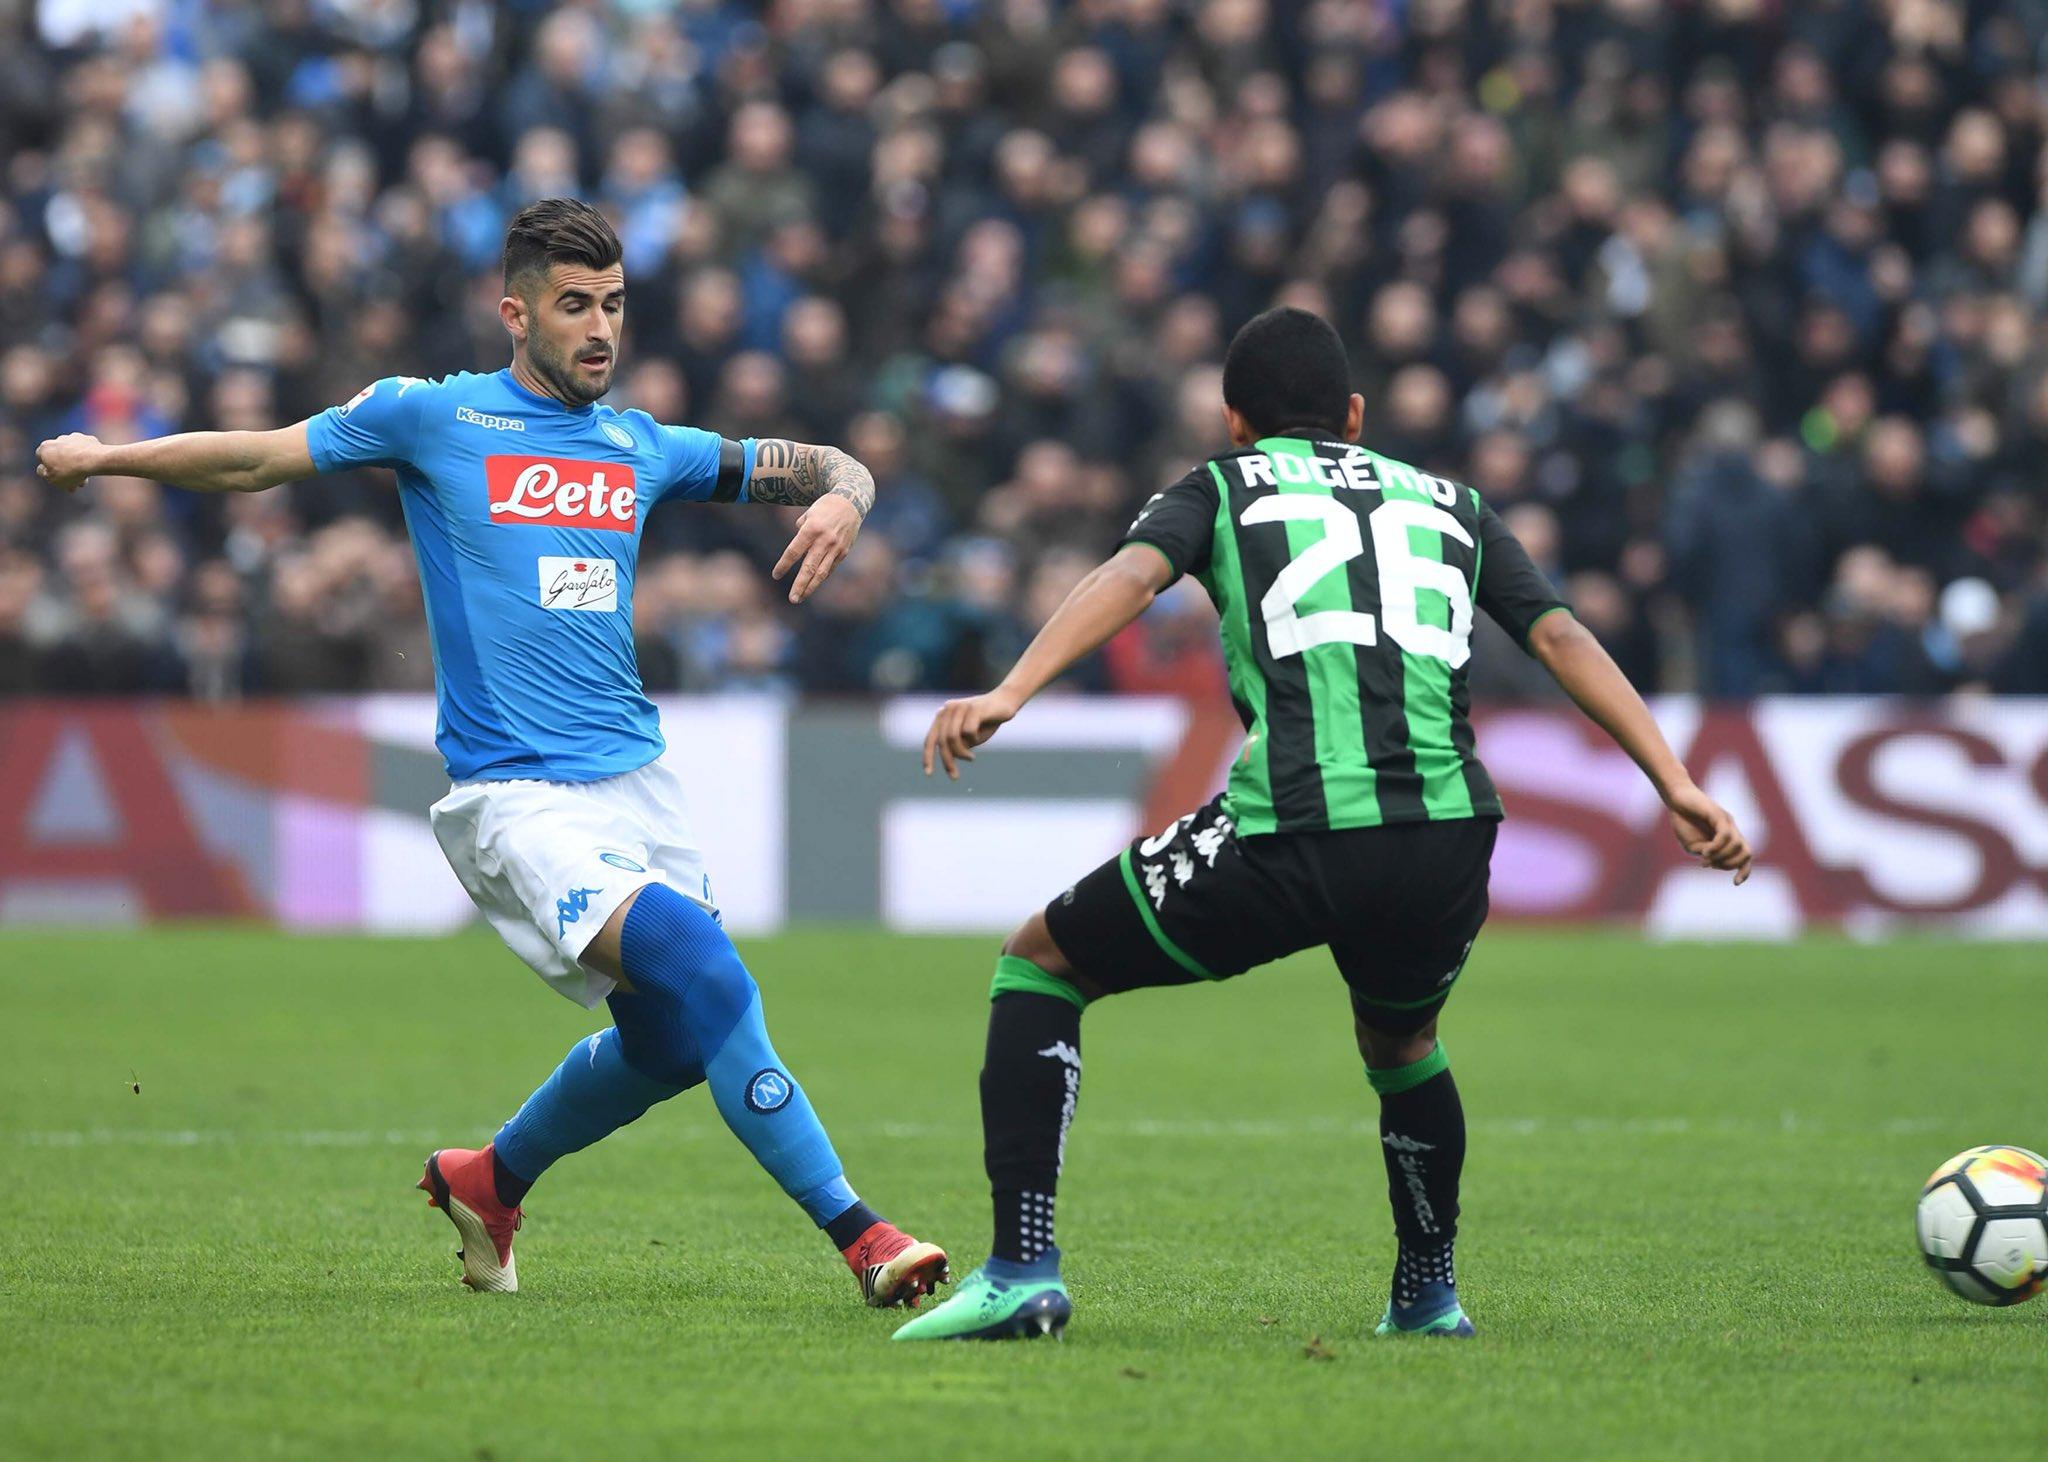 Sassuolo-Napoli 1-0, il primo tempo: azzurri imprecisi (davanti e dietro), Politano punisce